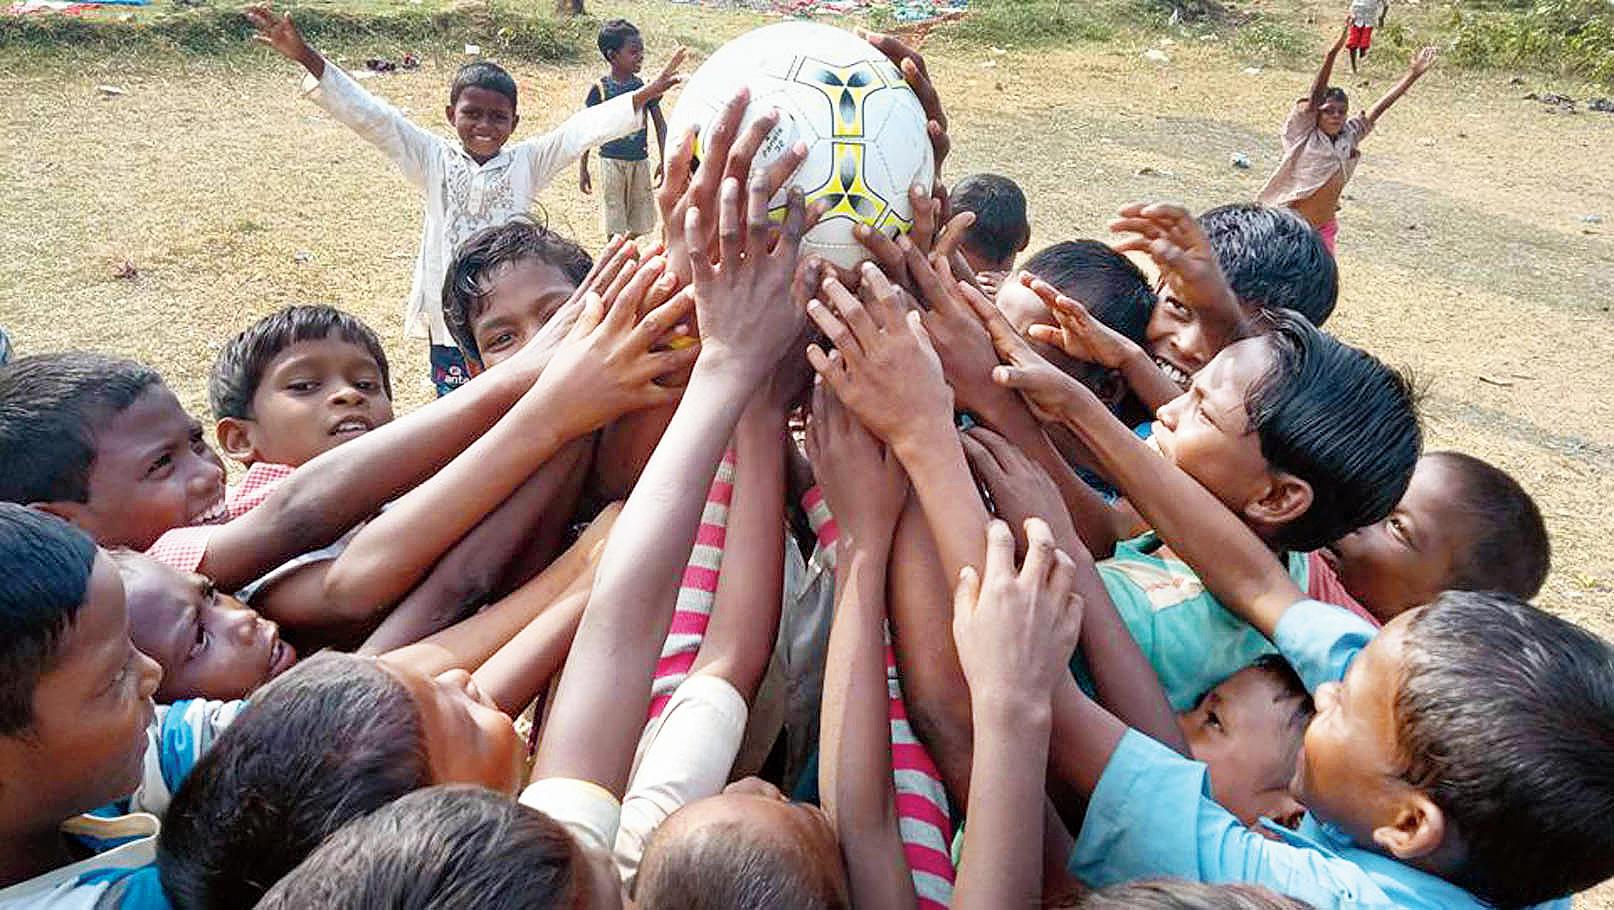 কলকাতার ট্রাফিক সামলে 'শবর পিতা' খোয়ালেন ১০ মাসের বেতন